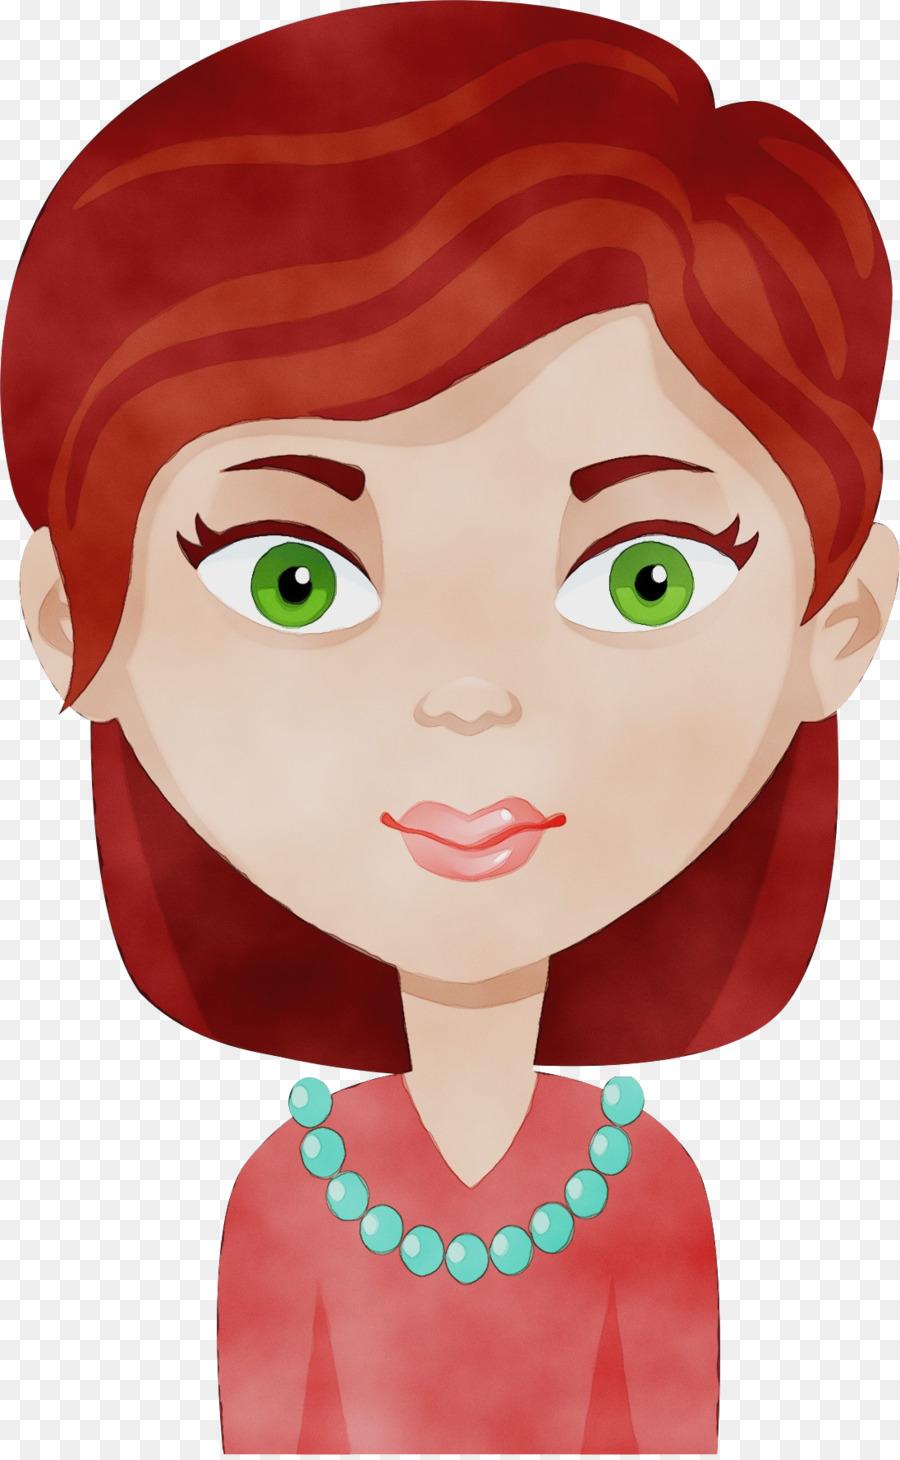 Картинка лица людей для детей